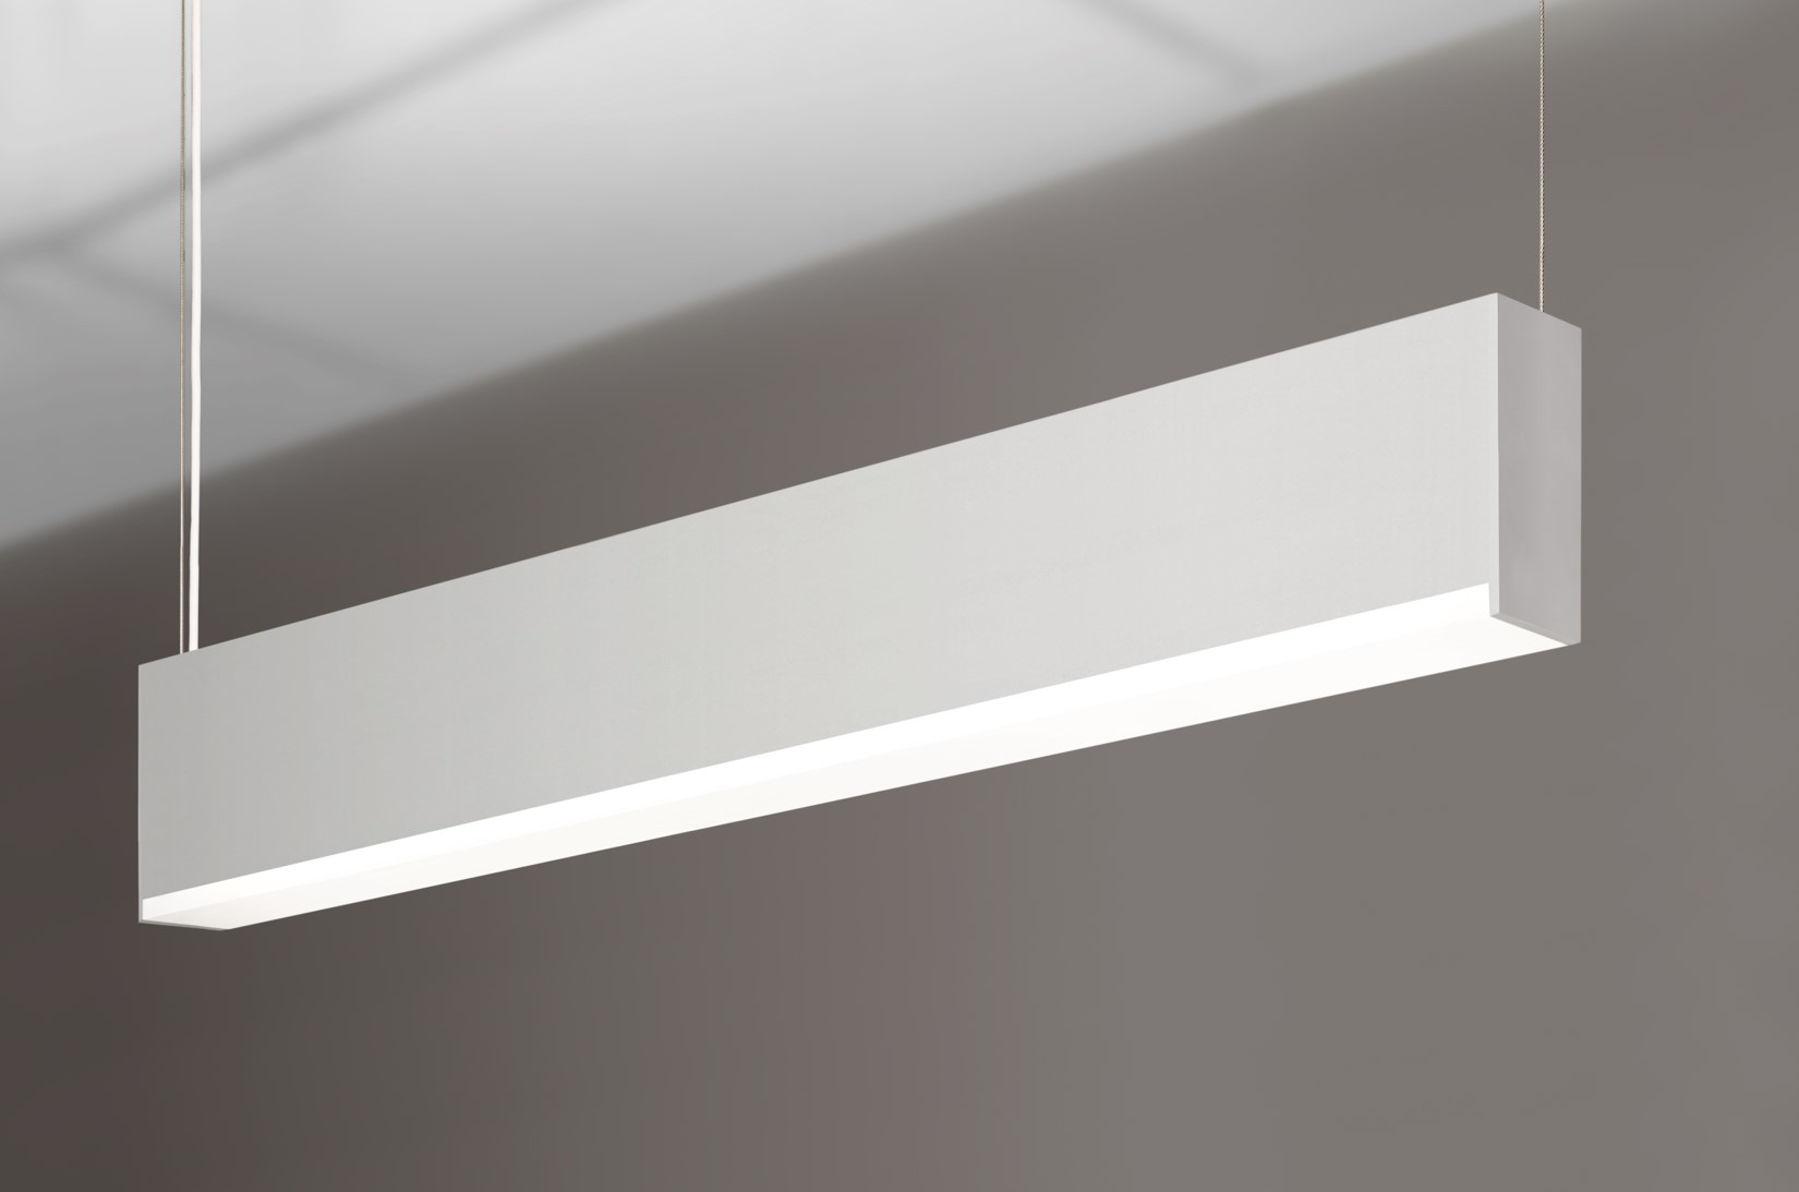 Picture of GX3D24D2-LED-LENS3D